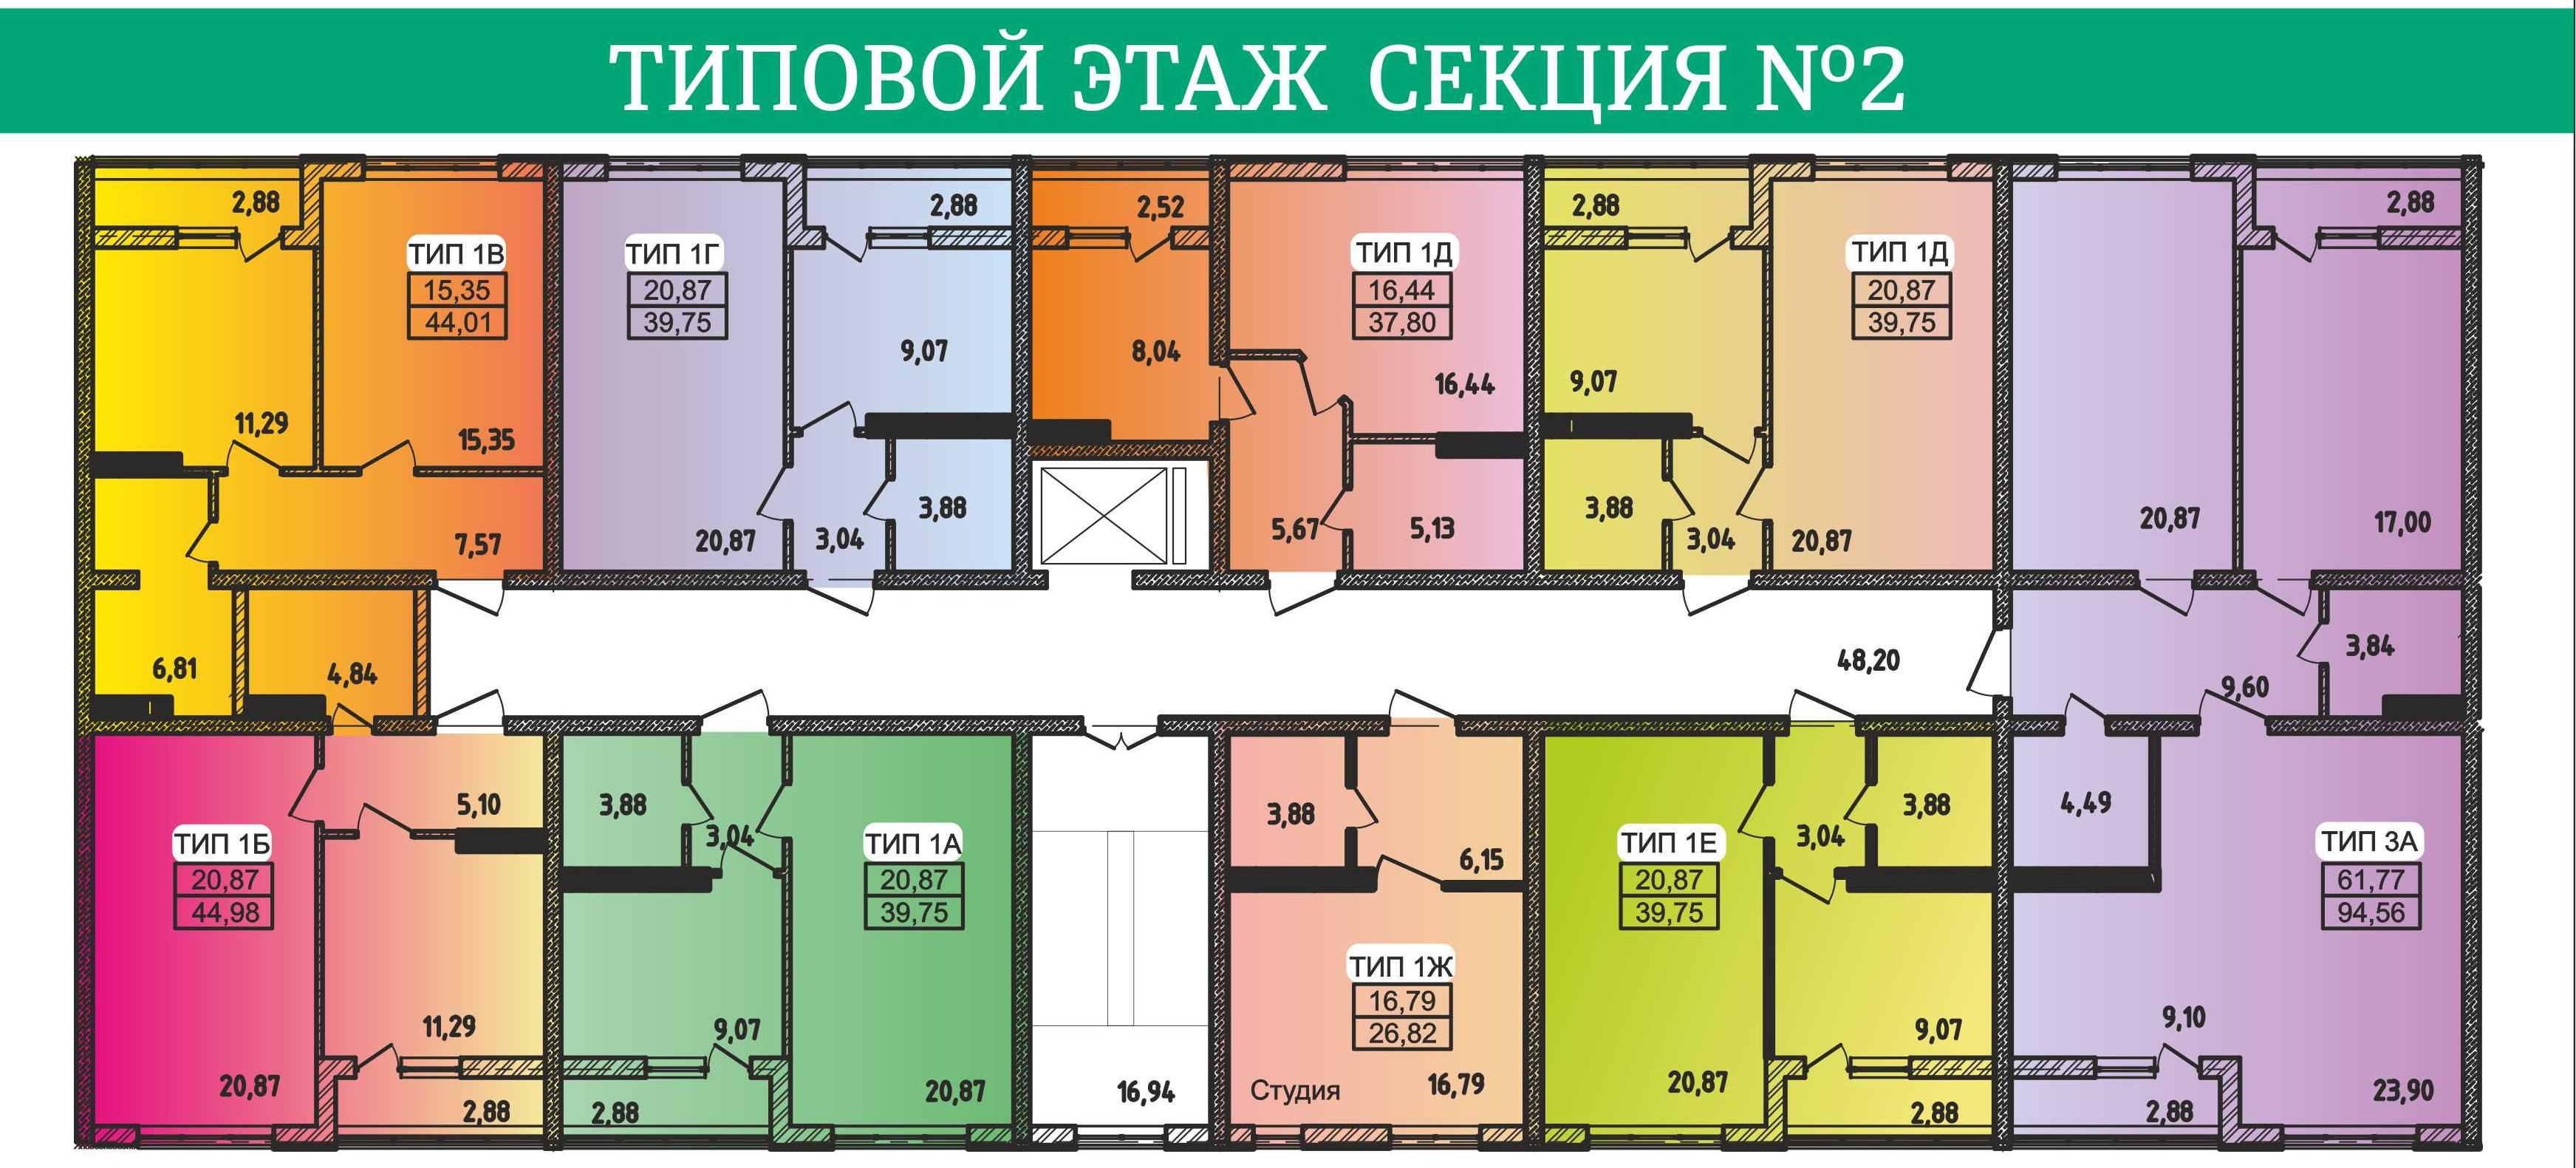 ЖК Сити Парк план типового этажа секция 2